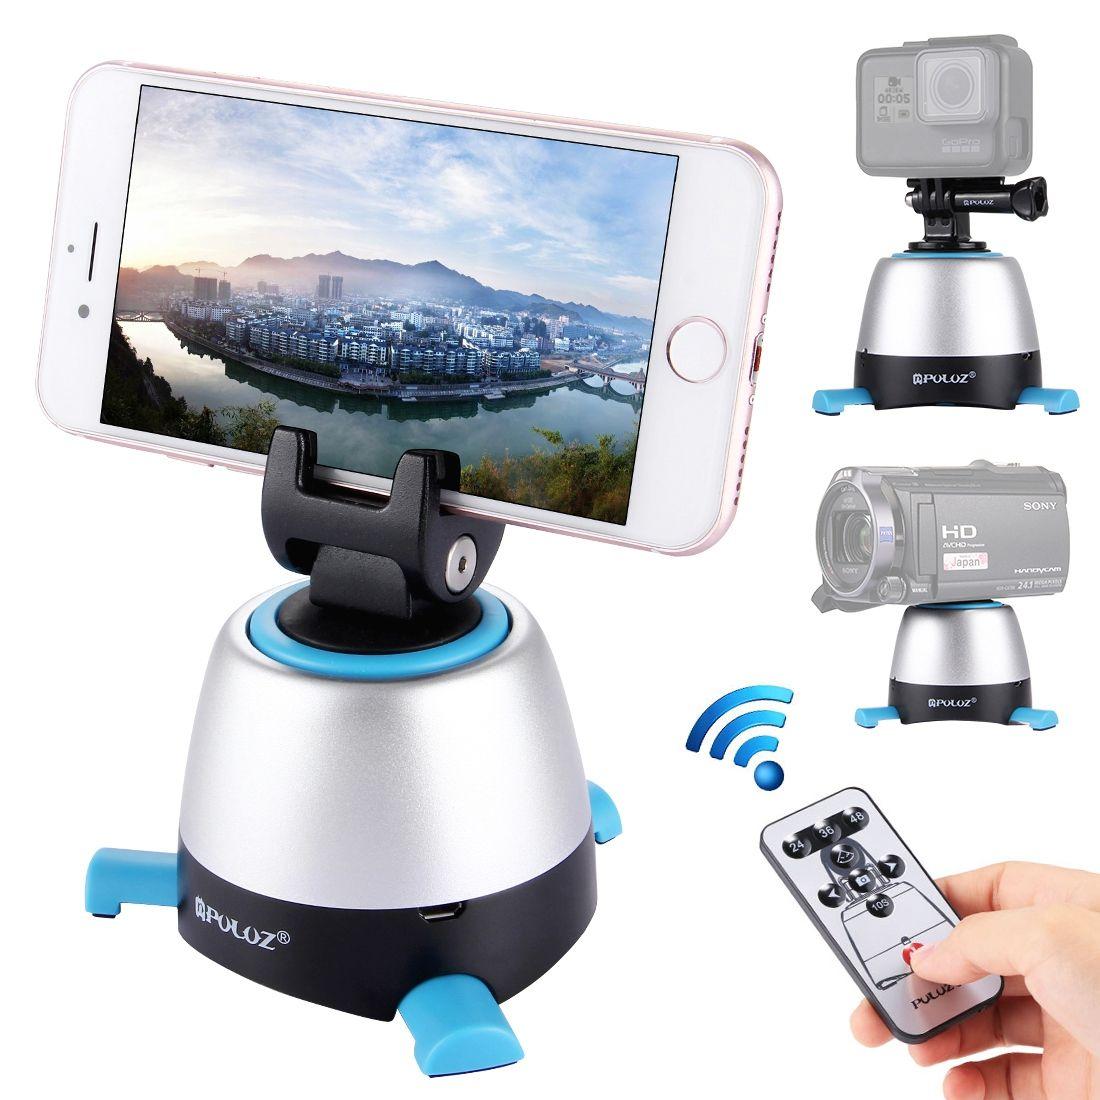 Puluz 360 graders rotationshuvud + fjärr + GoPro-adapter + mobil-adapter 2c6924ff1981b